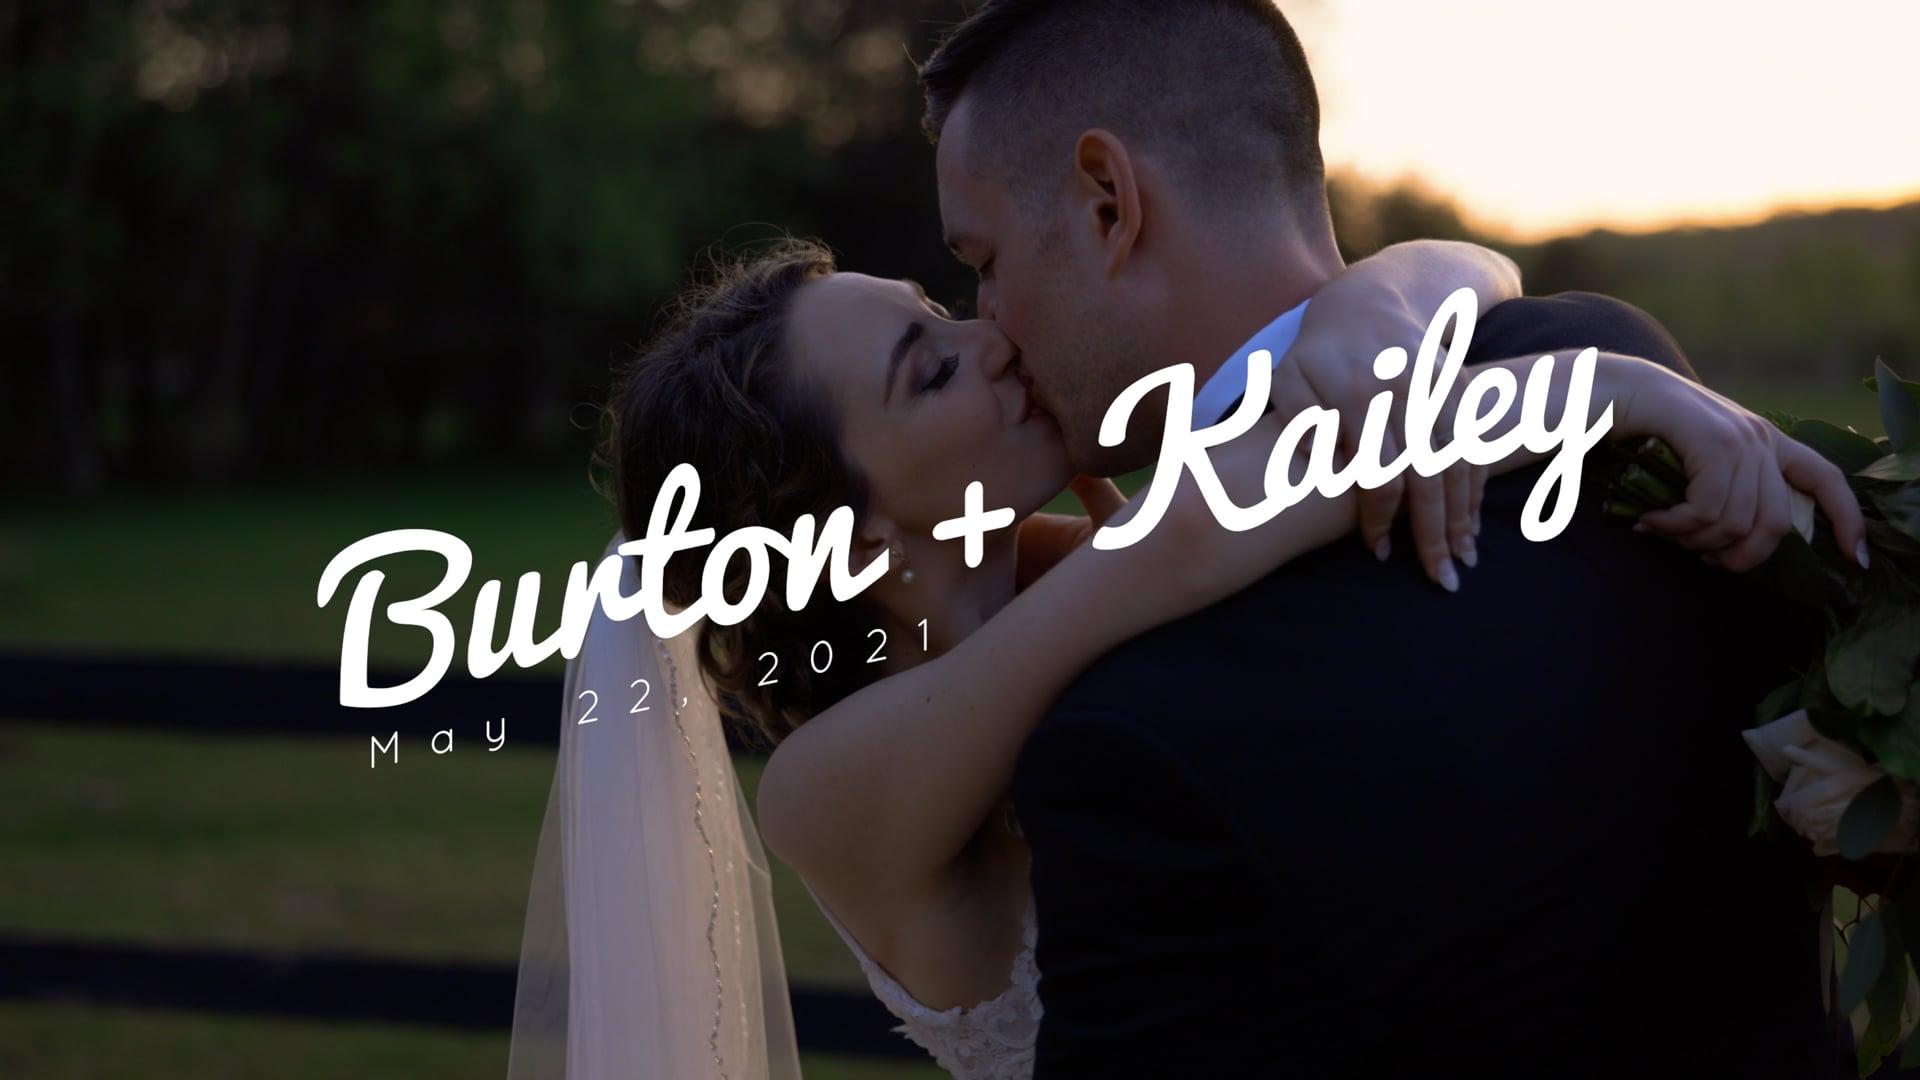 Burton + Kailey Highlight